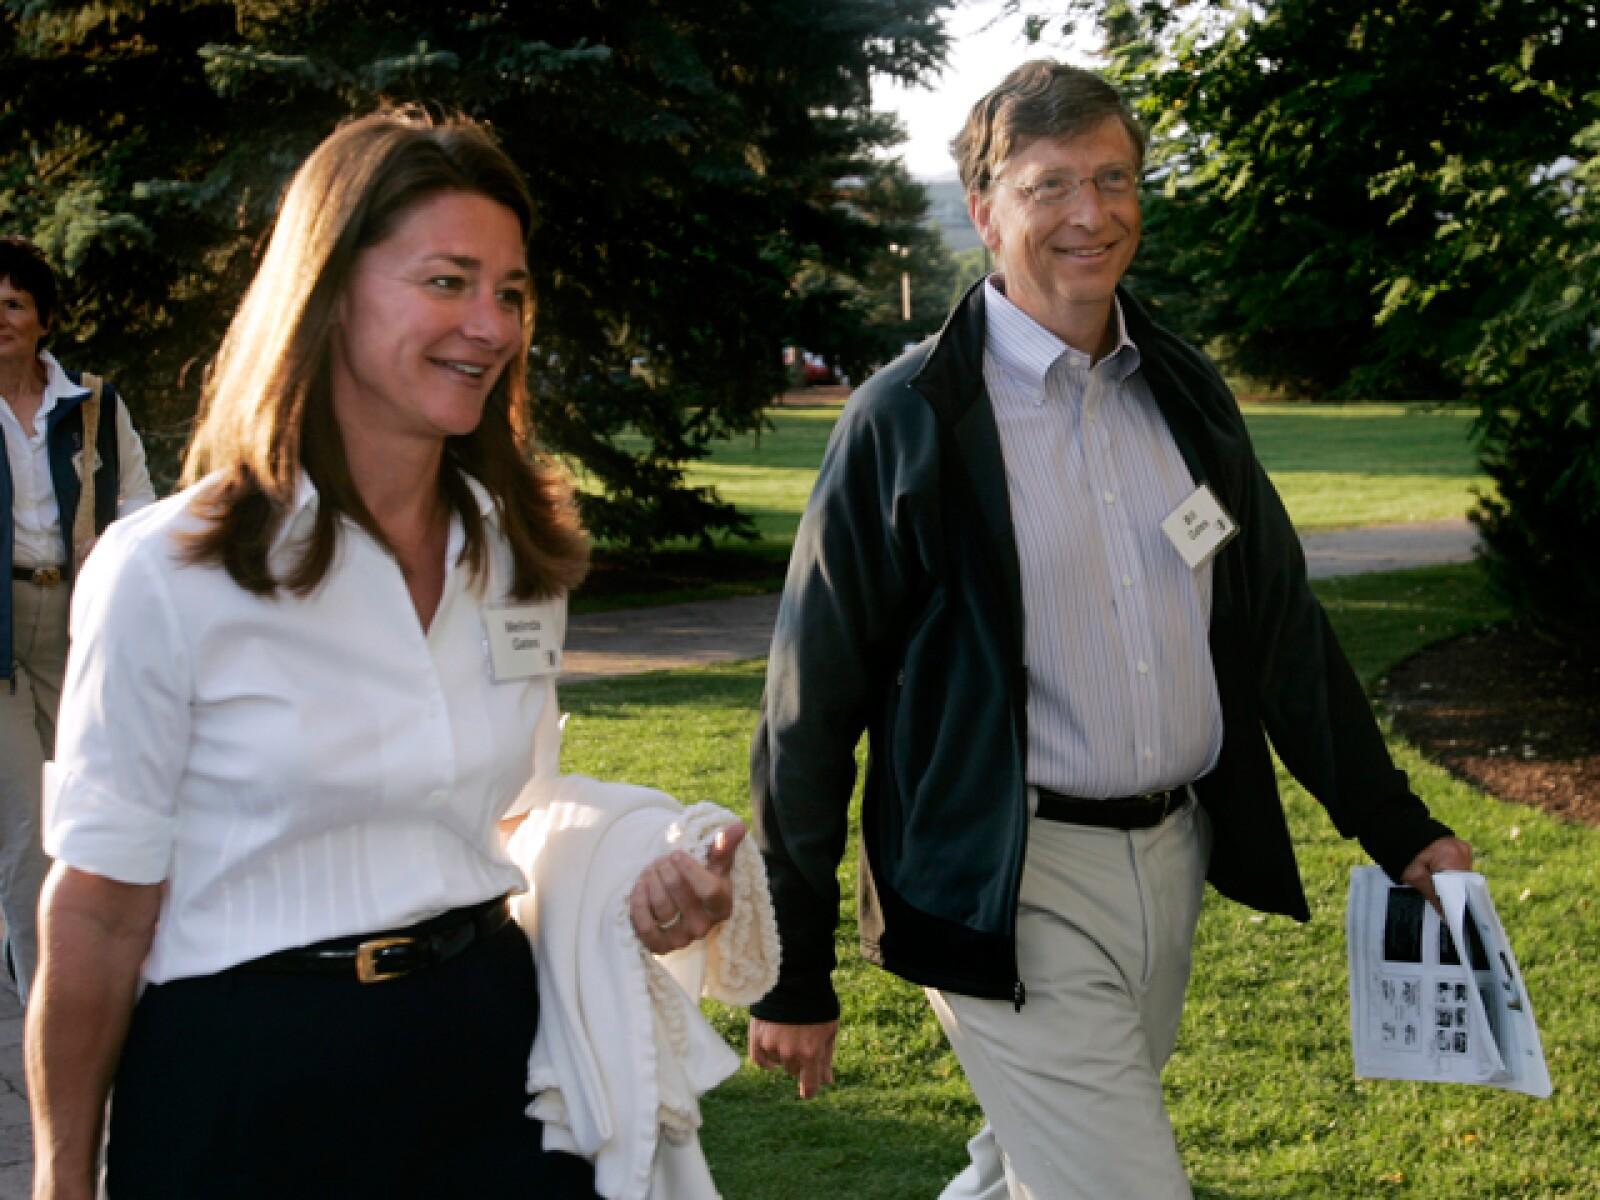 Bill Gates logró construir un imperio de $56 billones de dólares, pero fue su esposa Melinda quien utilizó parte de esa fortuna para armar una fundación pro salud.